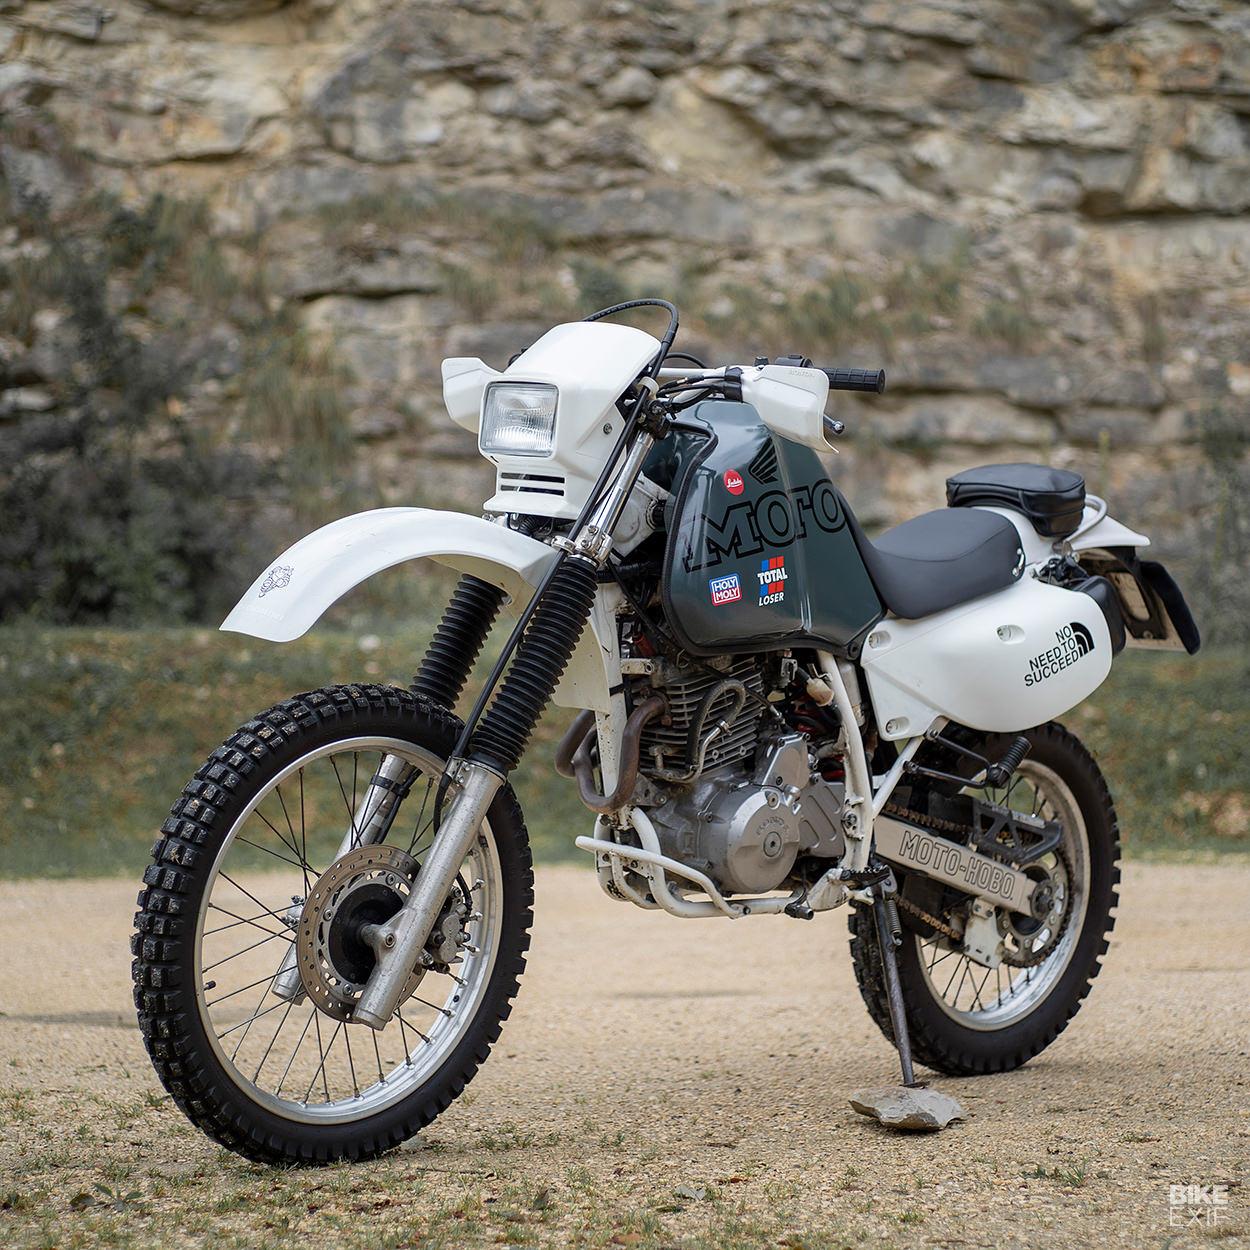 Honda XR650L restomod by Sea of Rocks